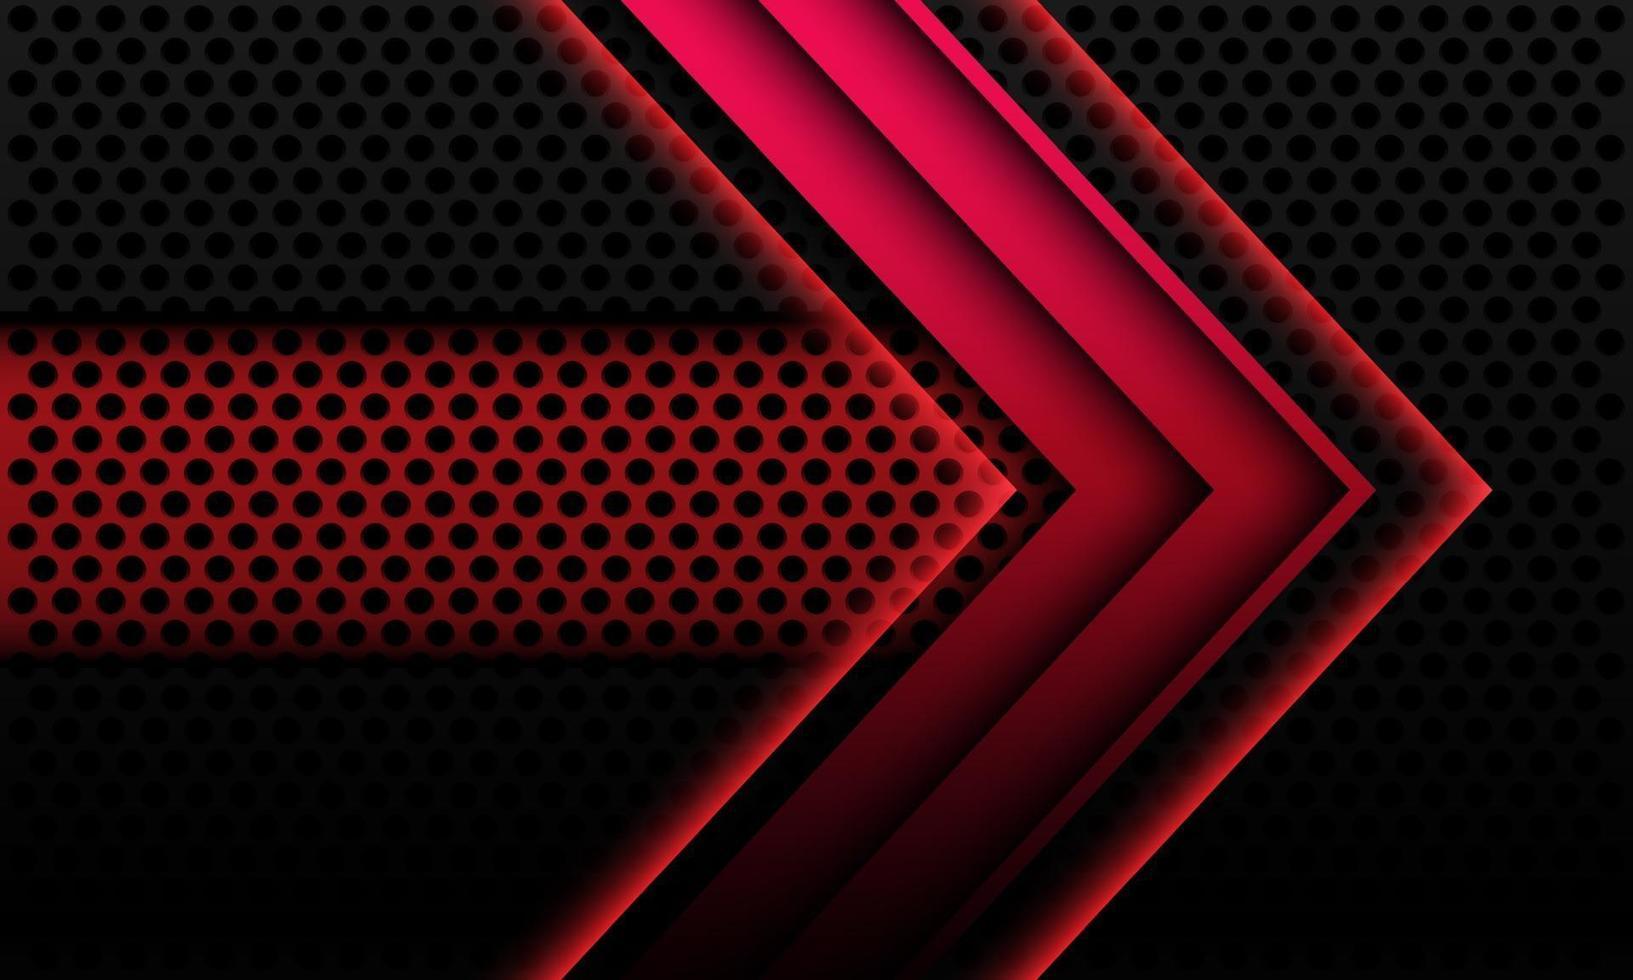 Abstrait rouge métallique flèche ombre direction géométrique sur le maillage de cercle noir avec bannière espace vide design illustration vectorielle de fond technologie futuriste moderne. vecteur